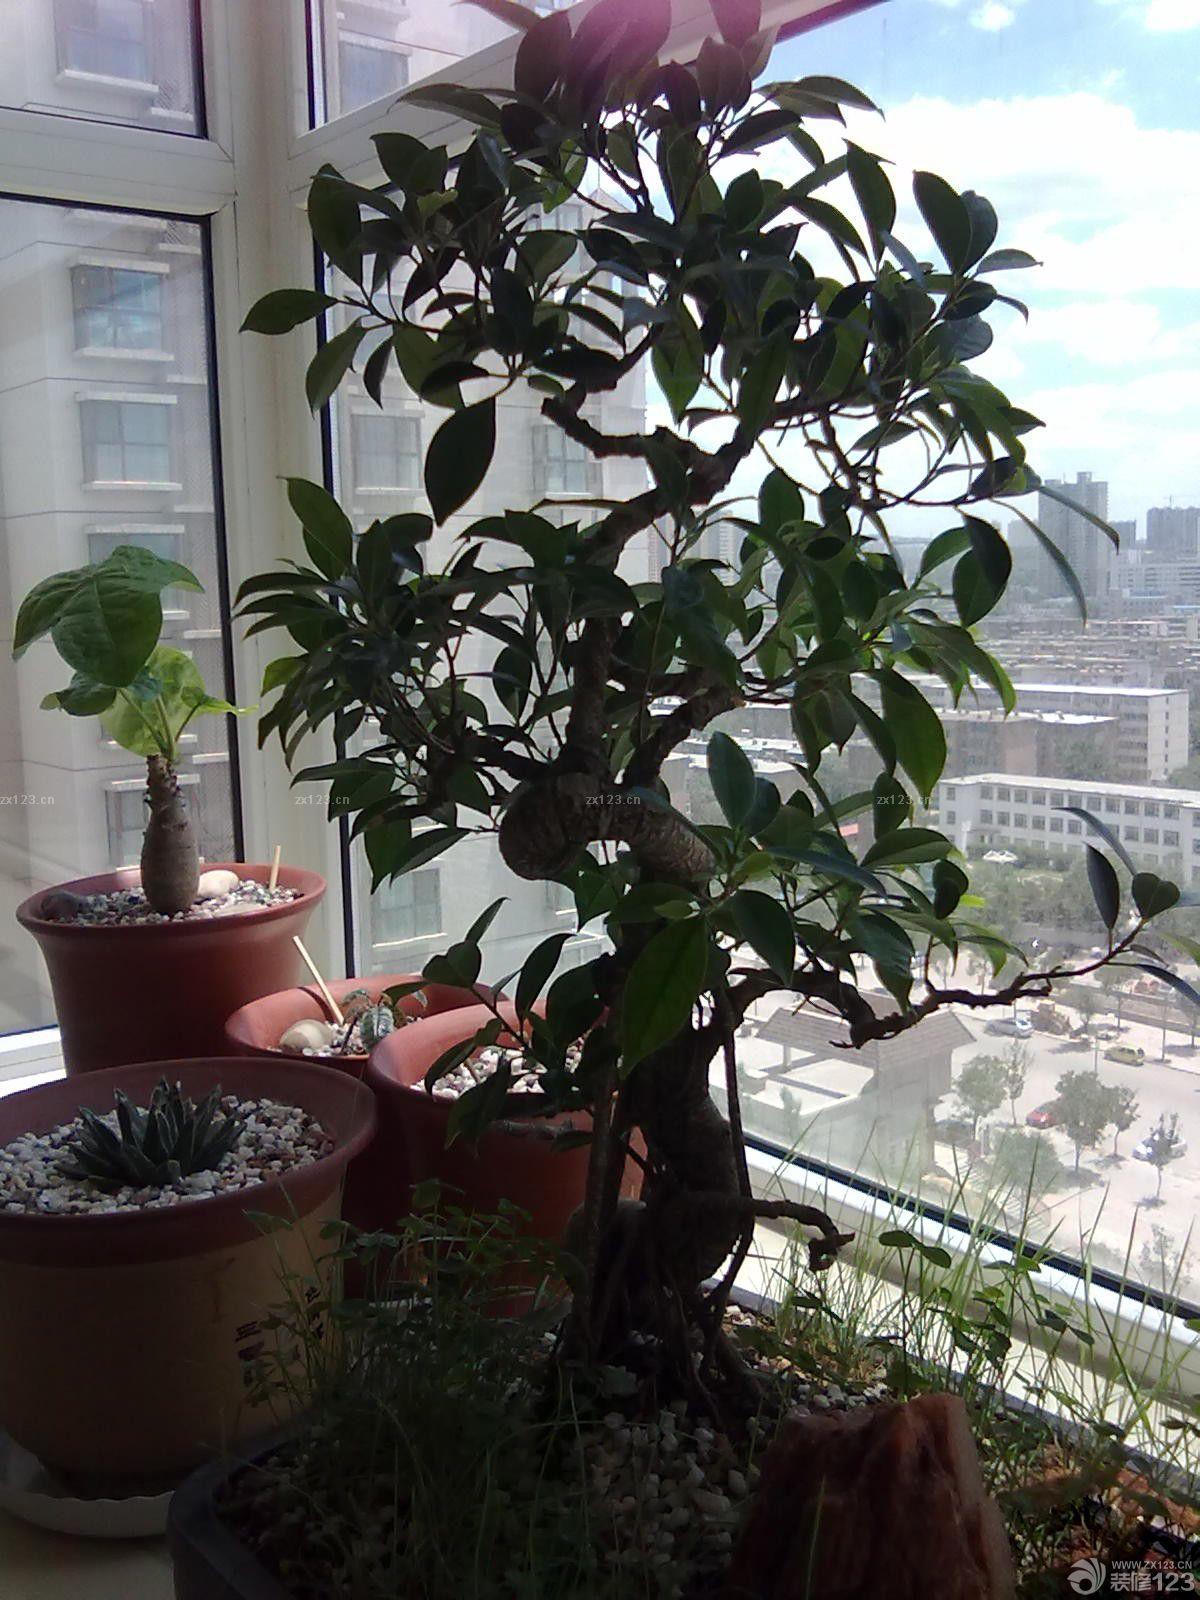 家庭小阳台榕树盆景摆放实景图